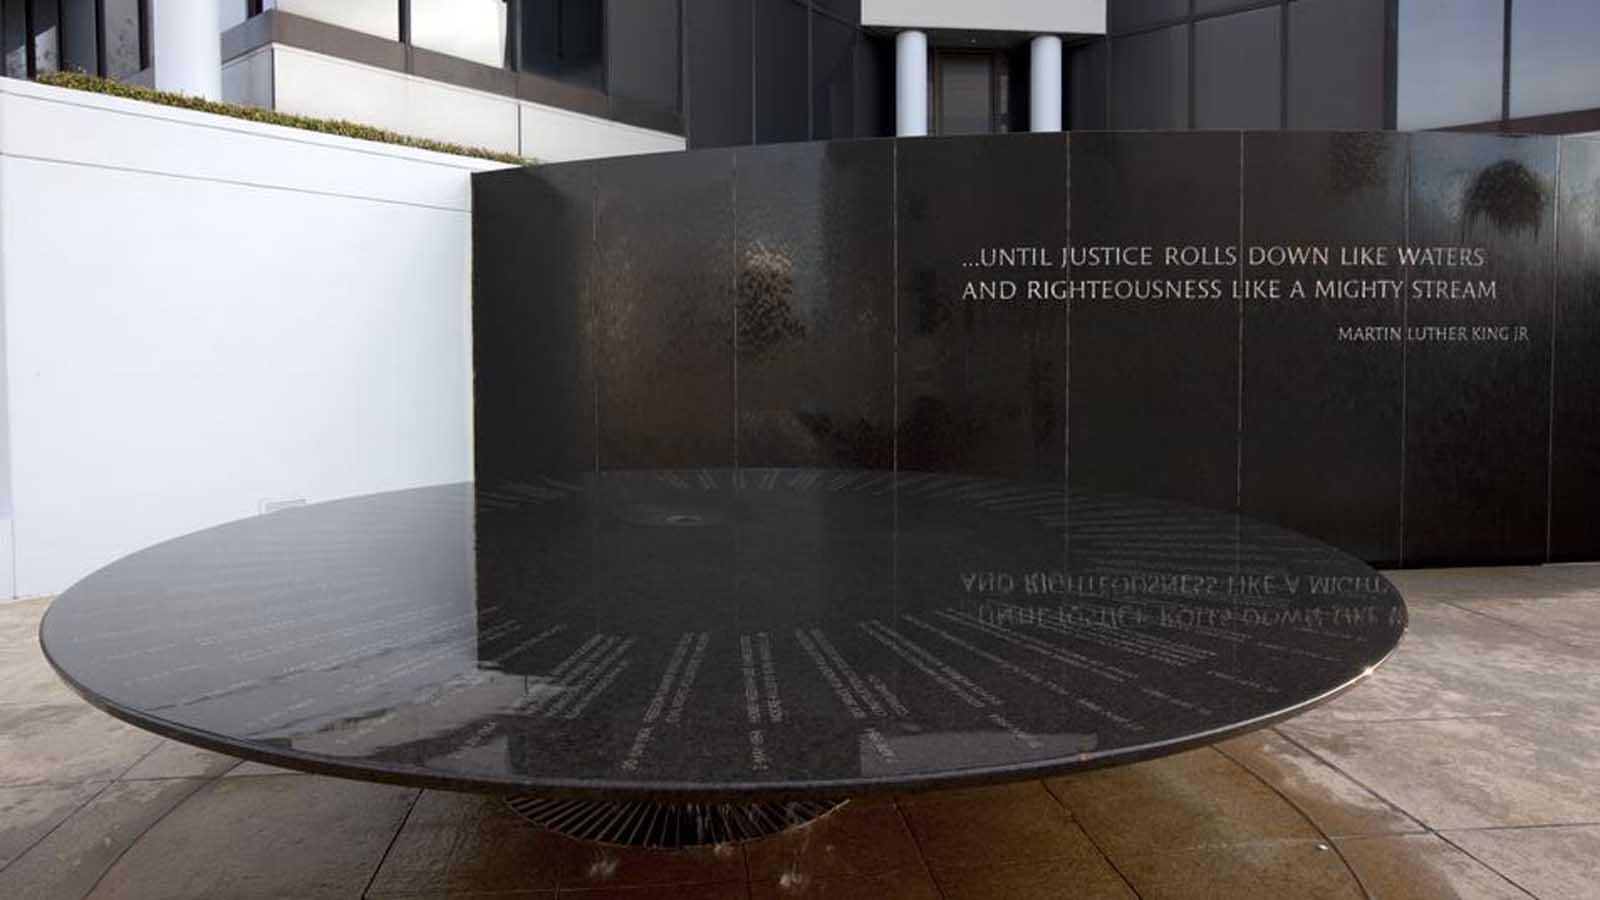 Memorial de los Derechos Civiles en Alabama